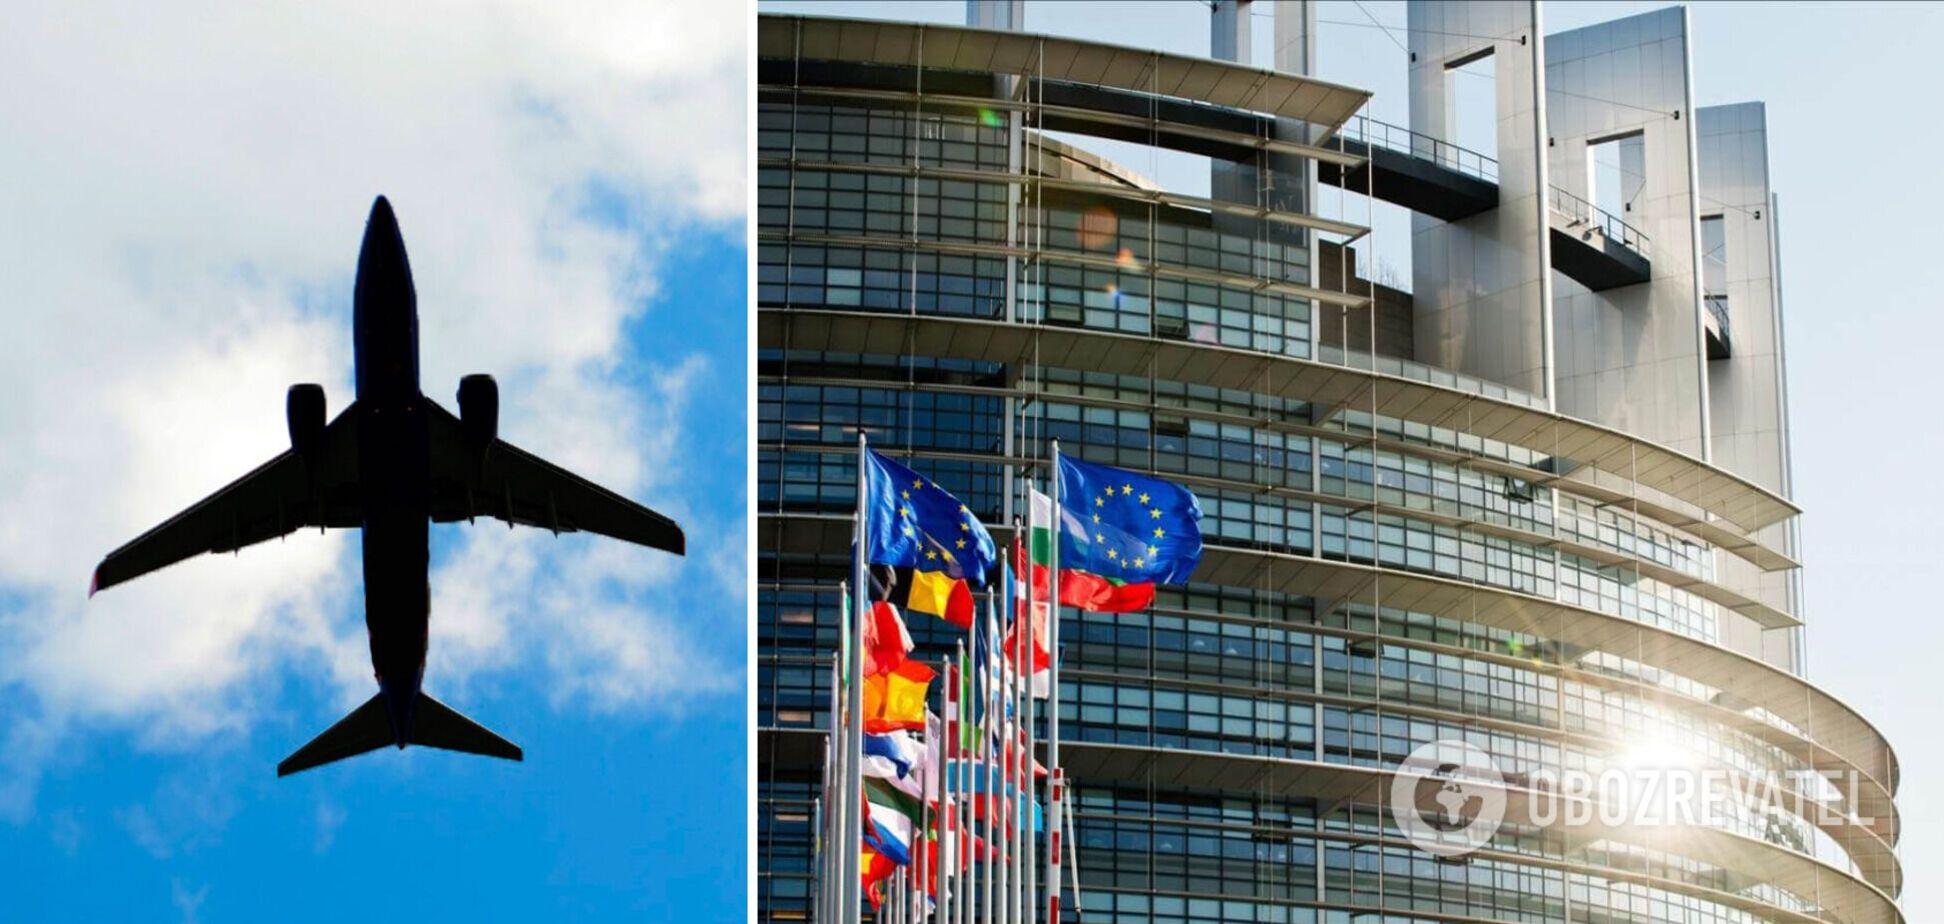 Ще дві країни ЄС відкривають кордони для туристів з України: названо дати